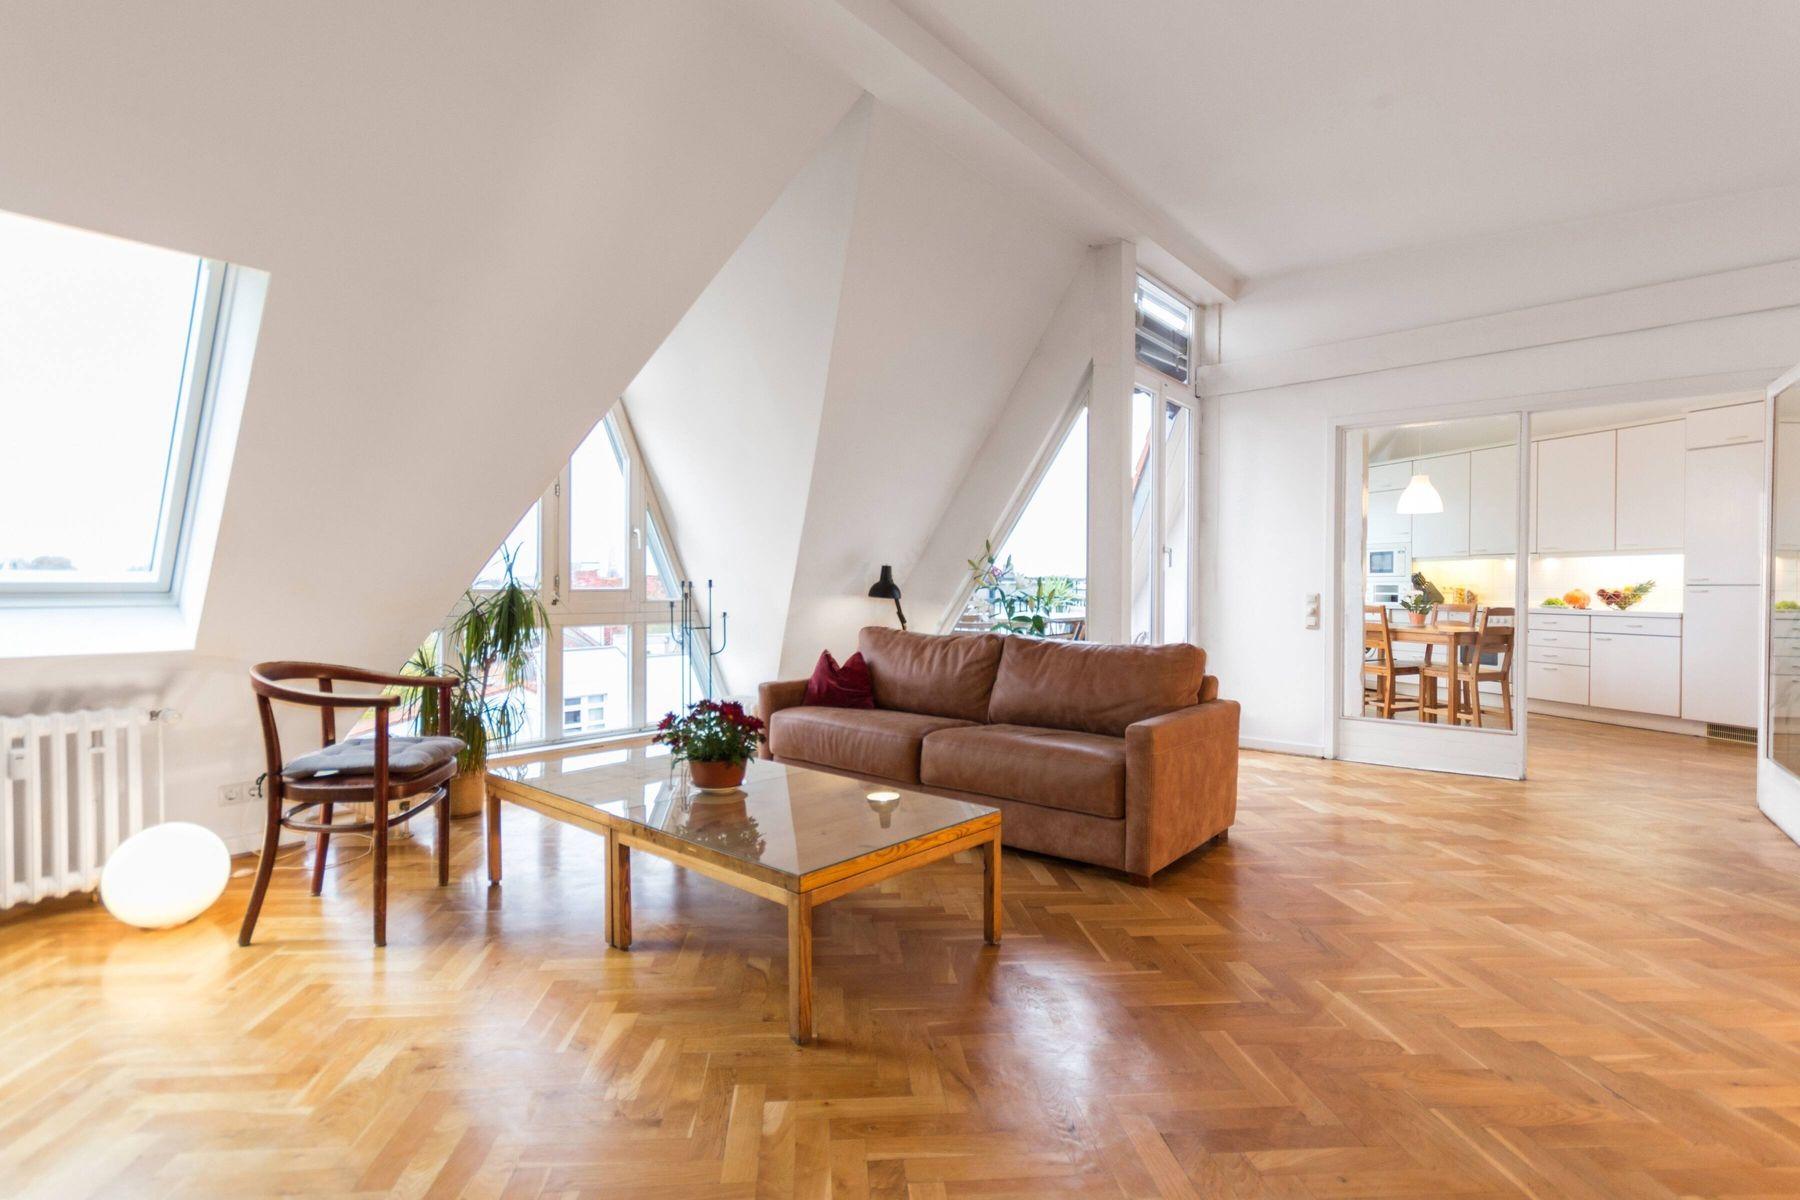 Phòng khách nhà ống với thiết kế nhiều cửa sổ